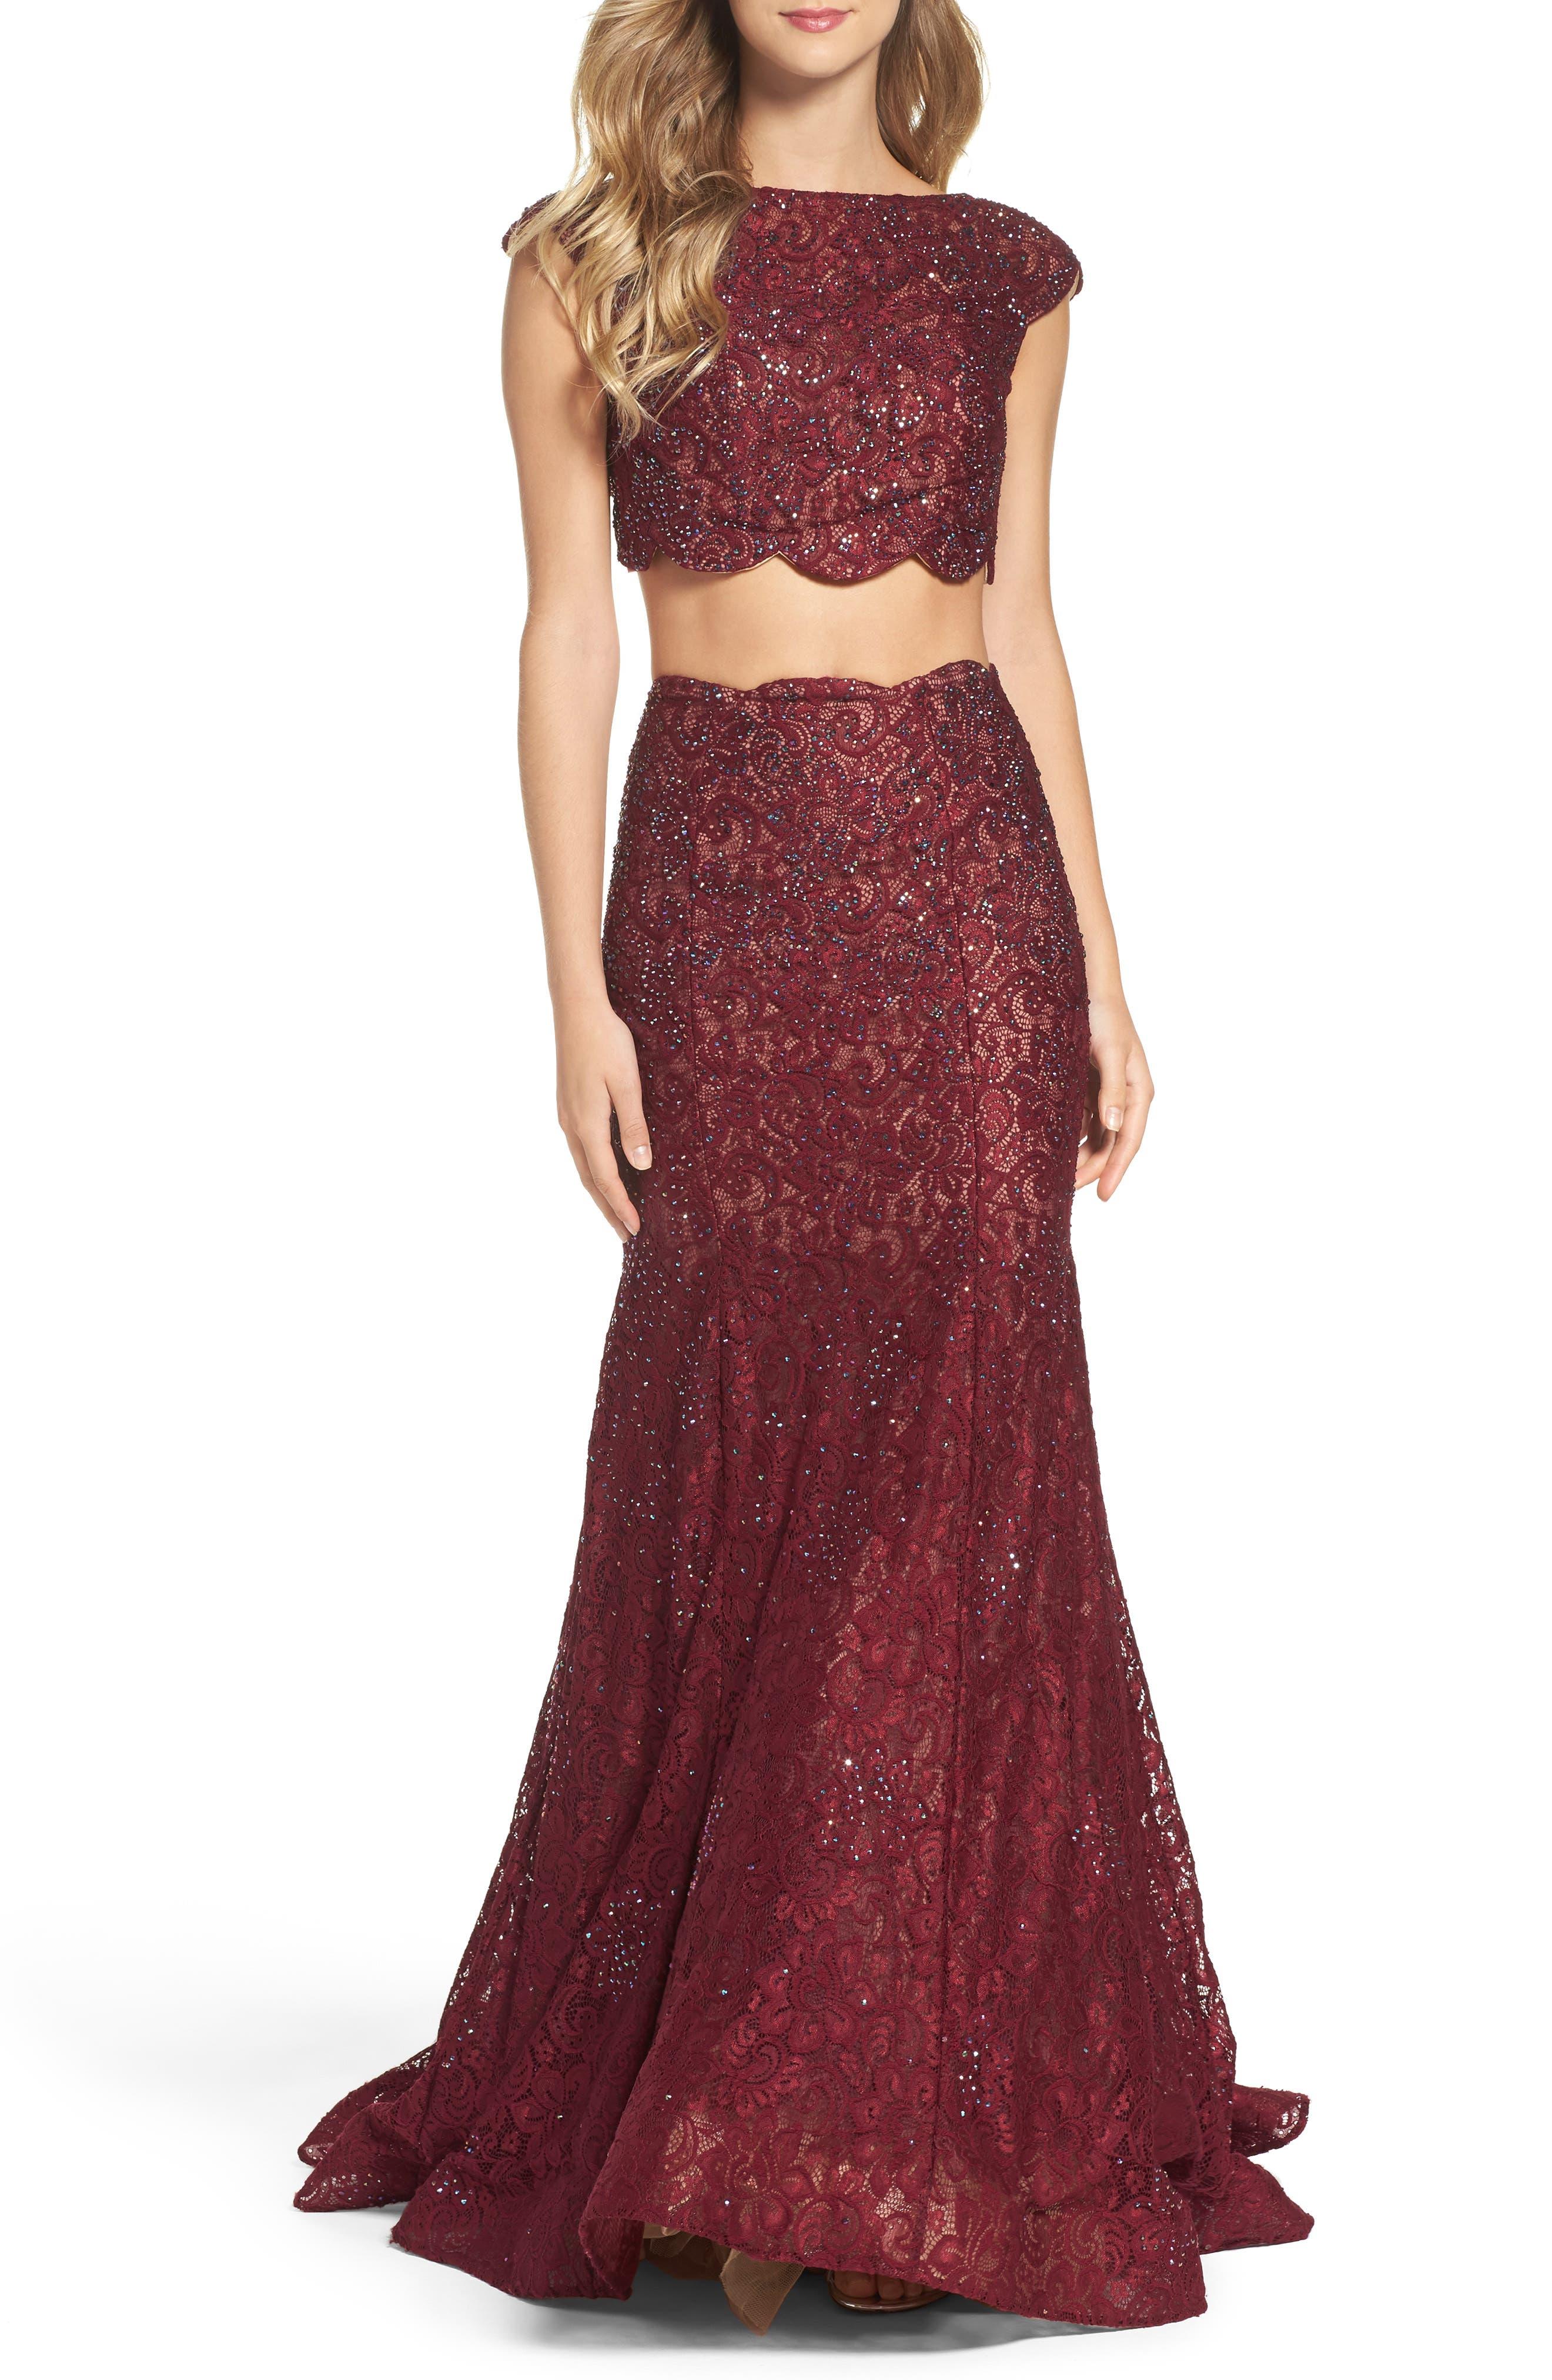 LA FEMME Sparkle Lace Two-Piece Gown